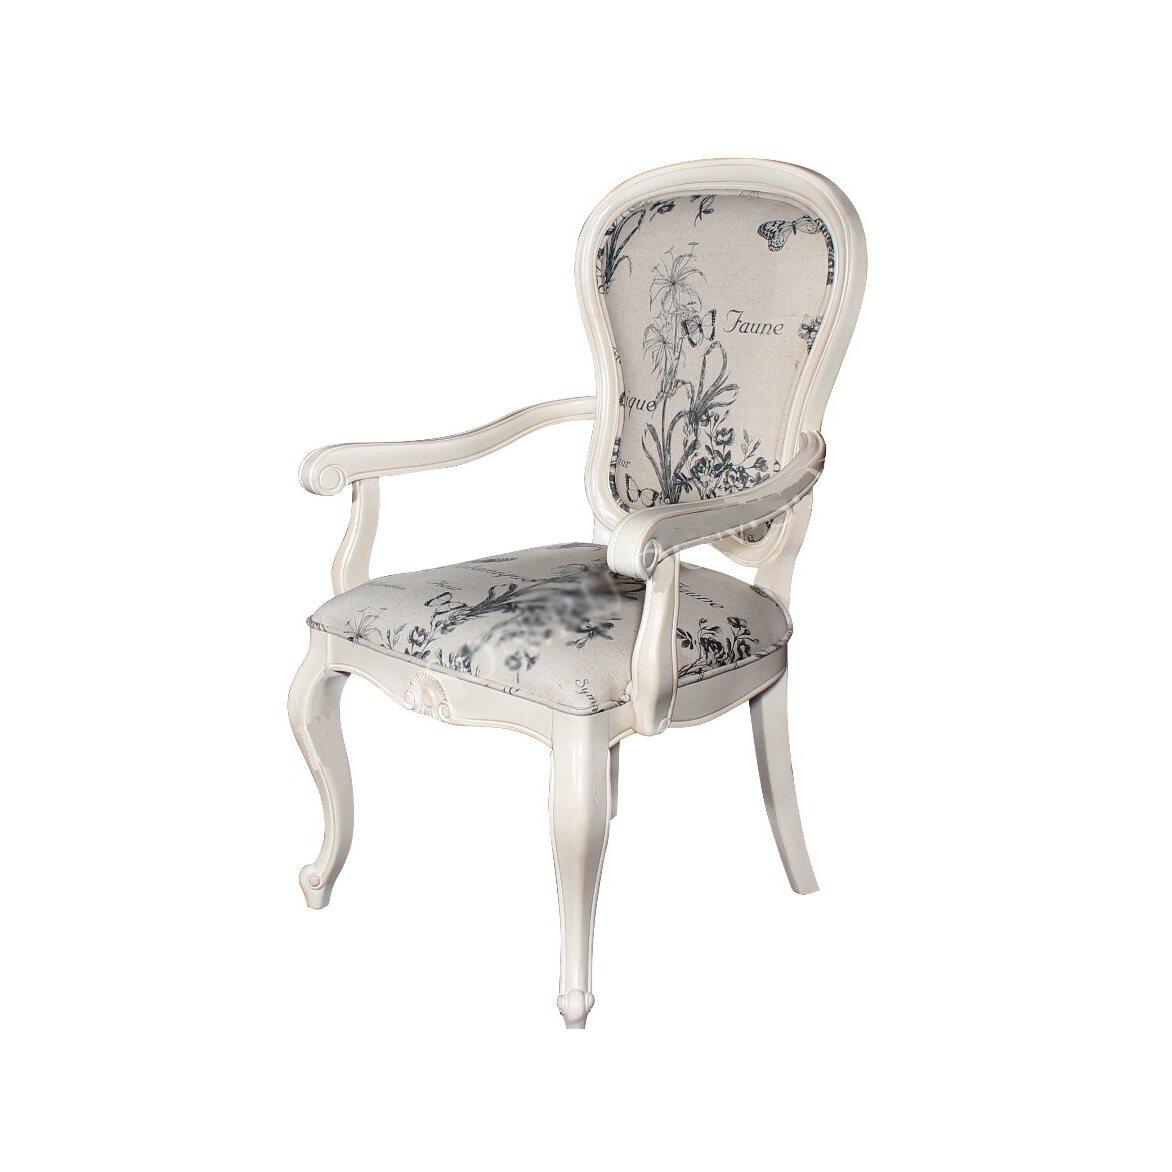 Полукресло с твердыми подлокотниками обивка с цветами Leontina, бежевого цвета   Кресло-стул Kingsby